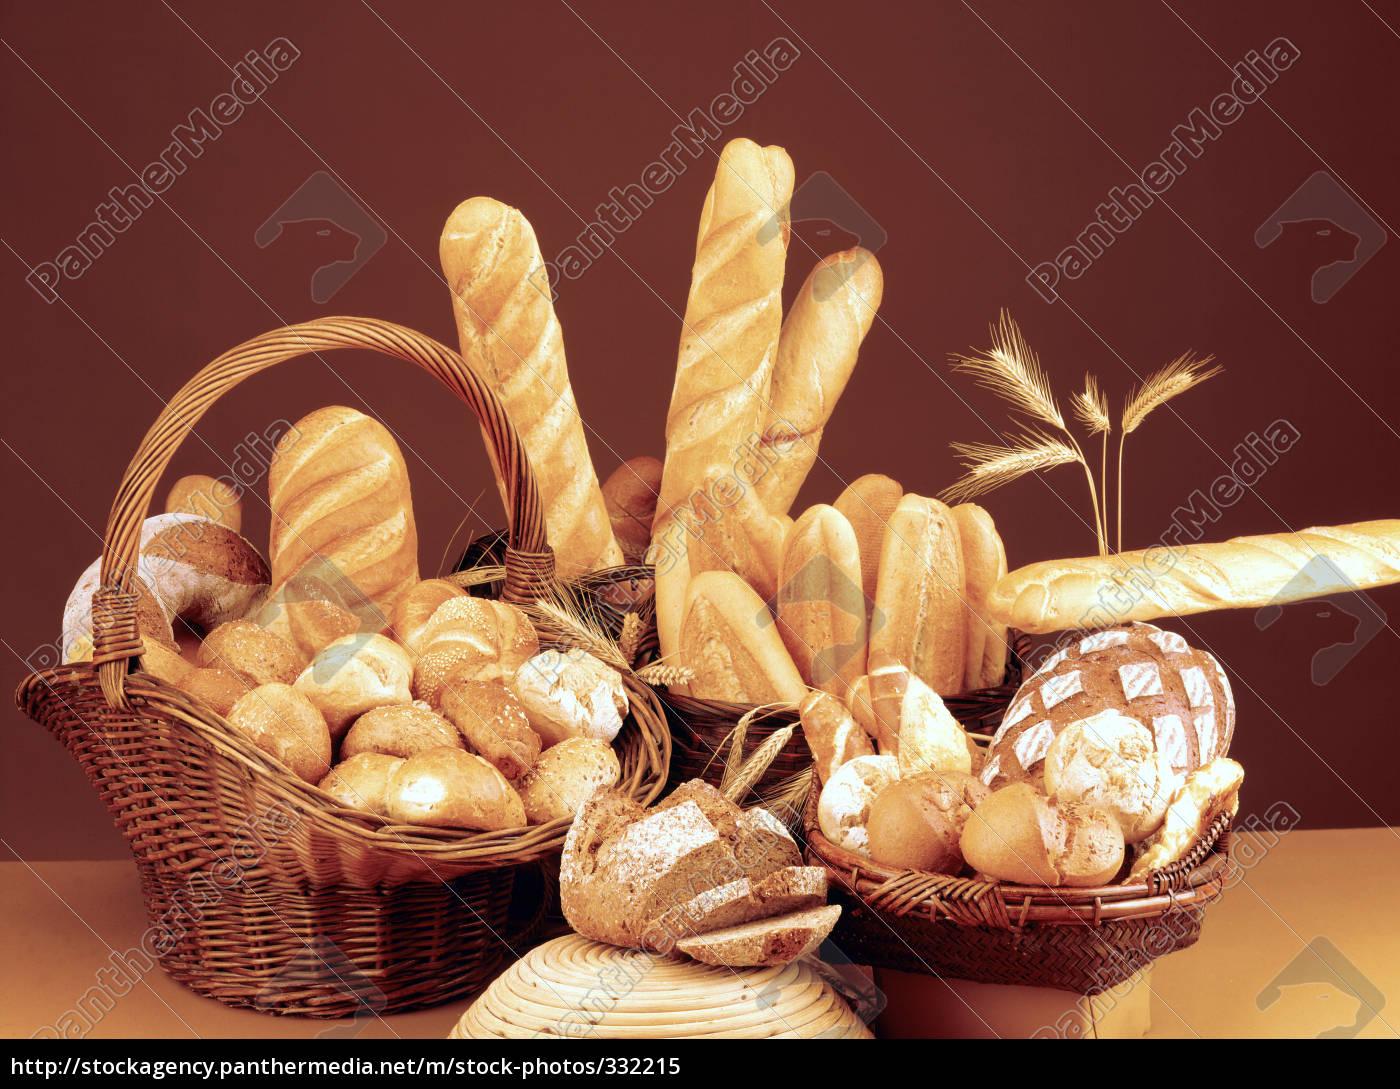 bread - 332215